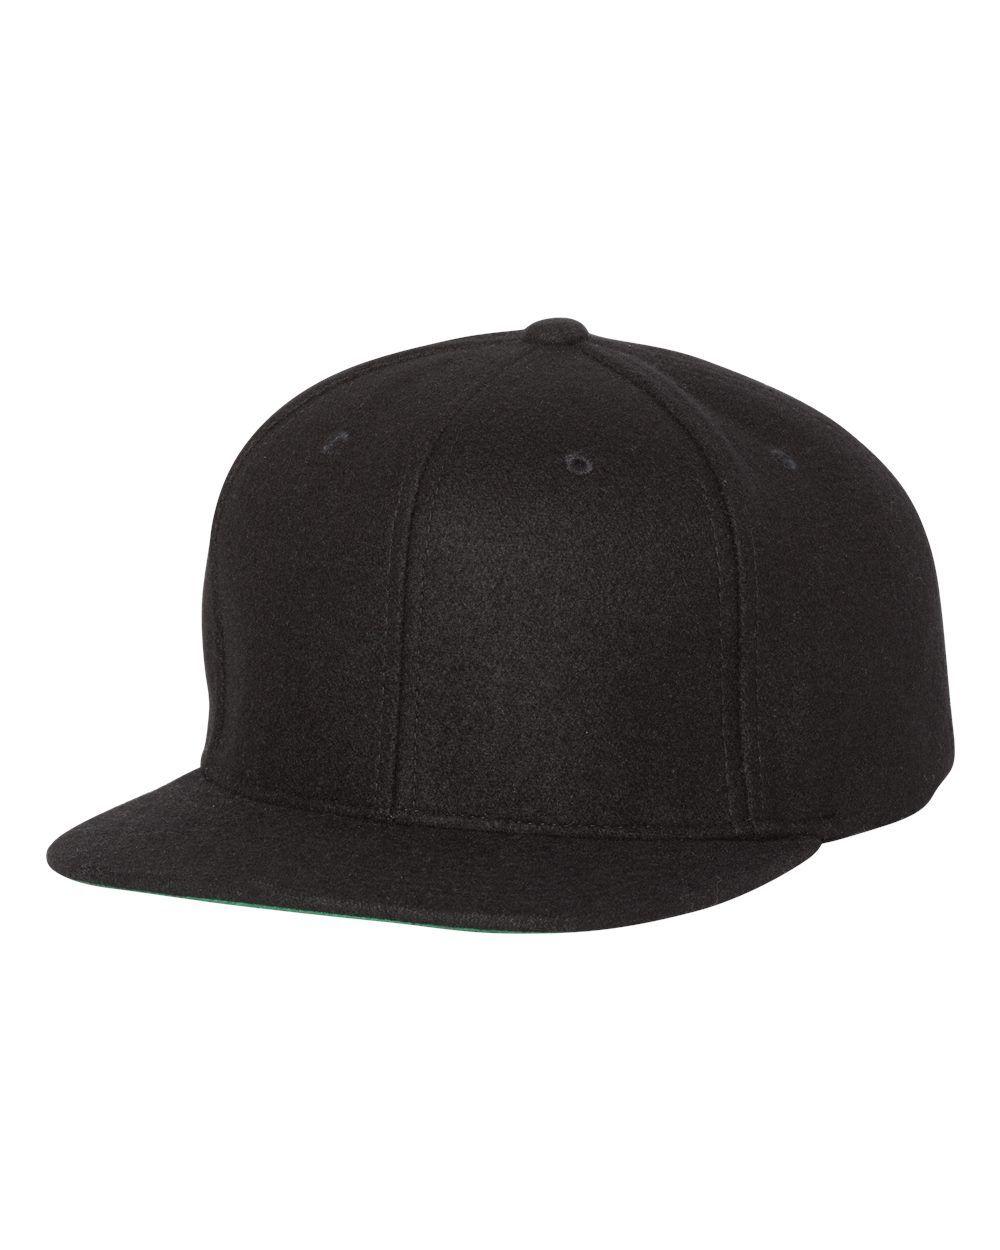 0233bb6ac2249 Yupoong 6689 - Melton Wool Snapback Cap  yupoong  snapback